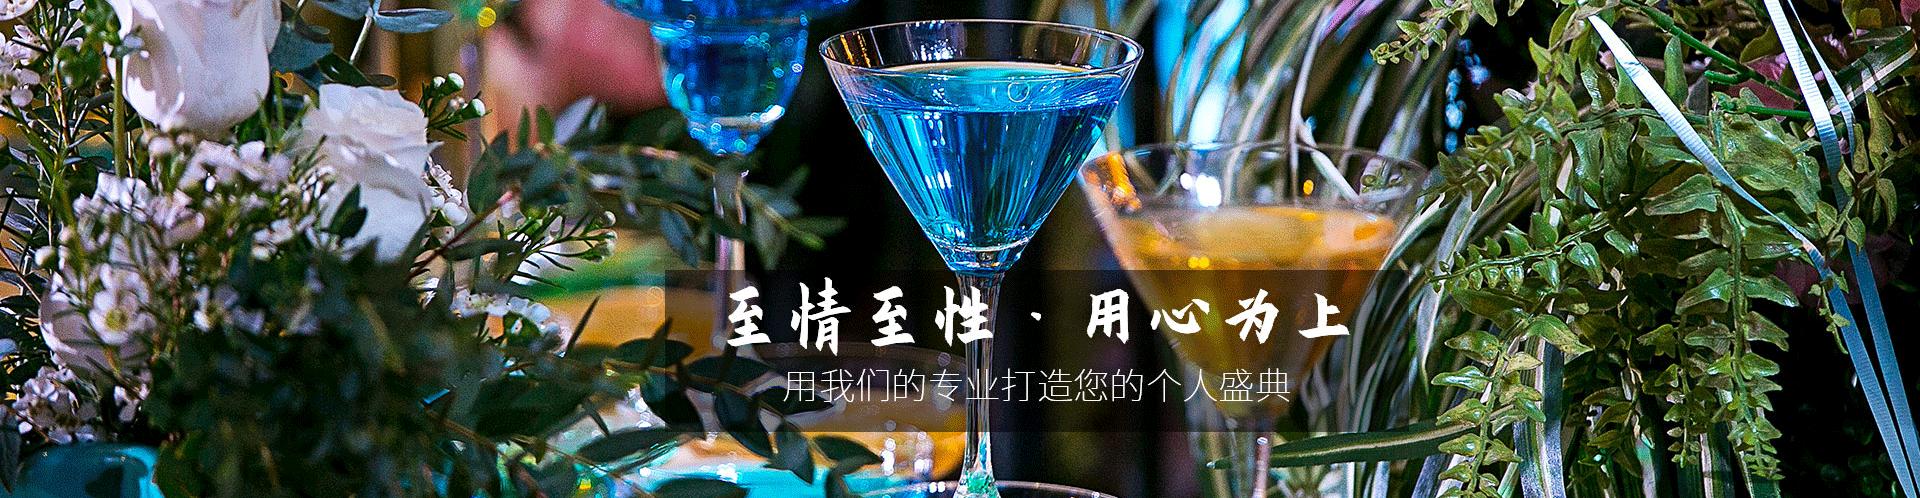 重庆生日派对